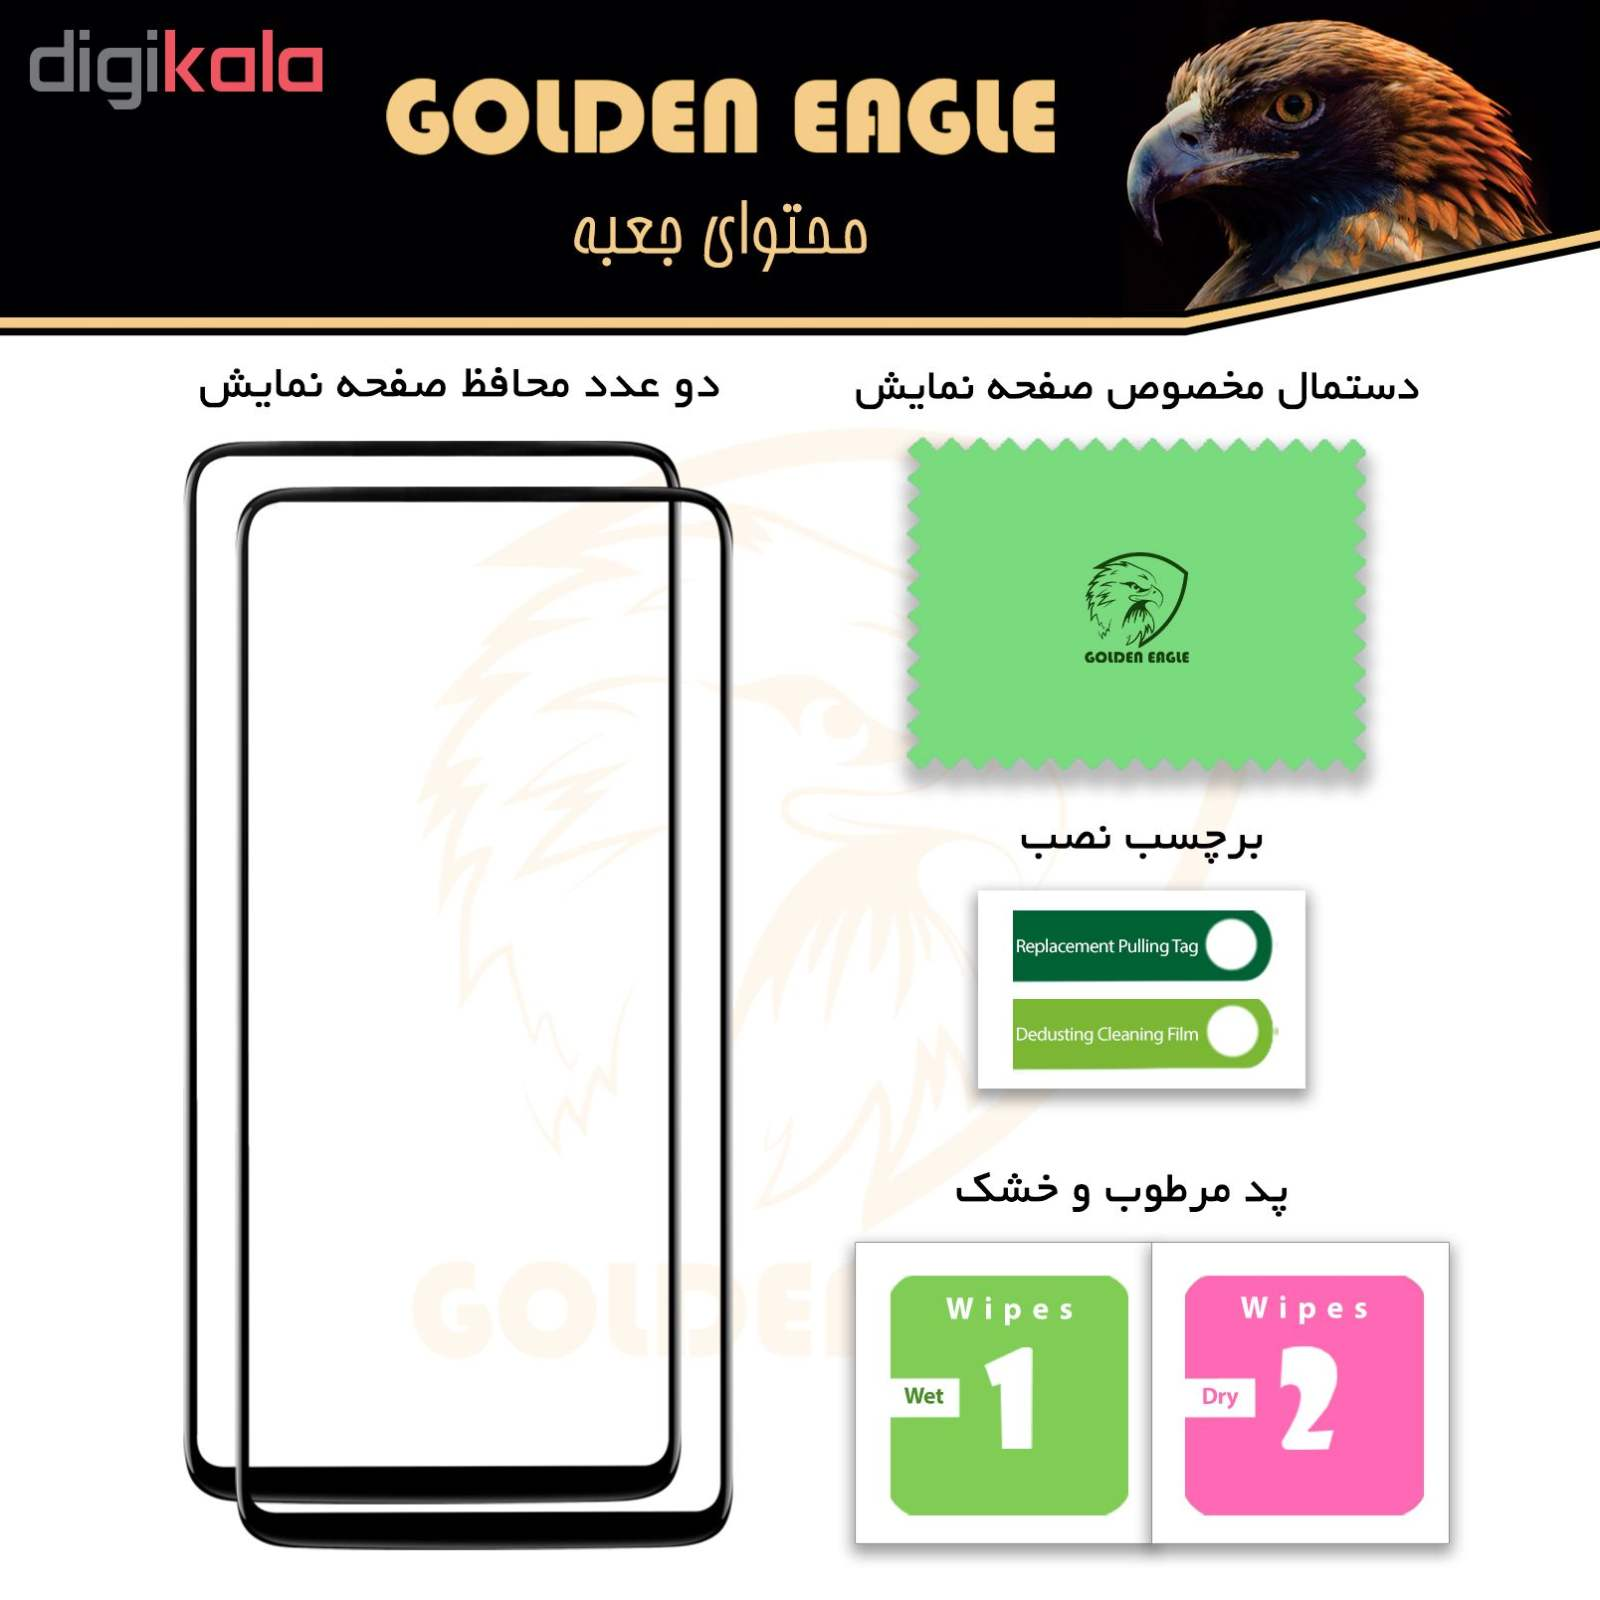 محافظ صفحه نمایش گلدن ایگل مدل DFC-X2 مناسب برای گوشی موبایل سامسونگ Galaxy S9 Plus بسته دو عددی main 1 2